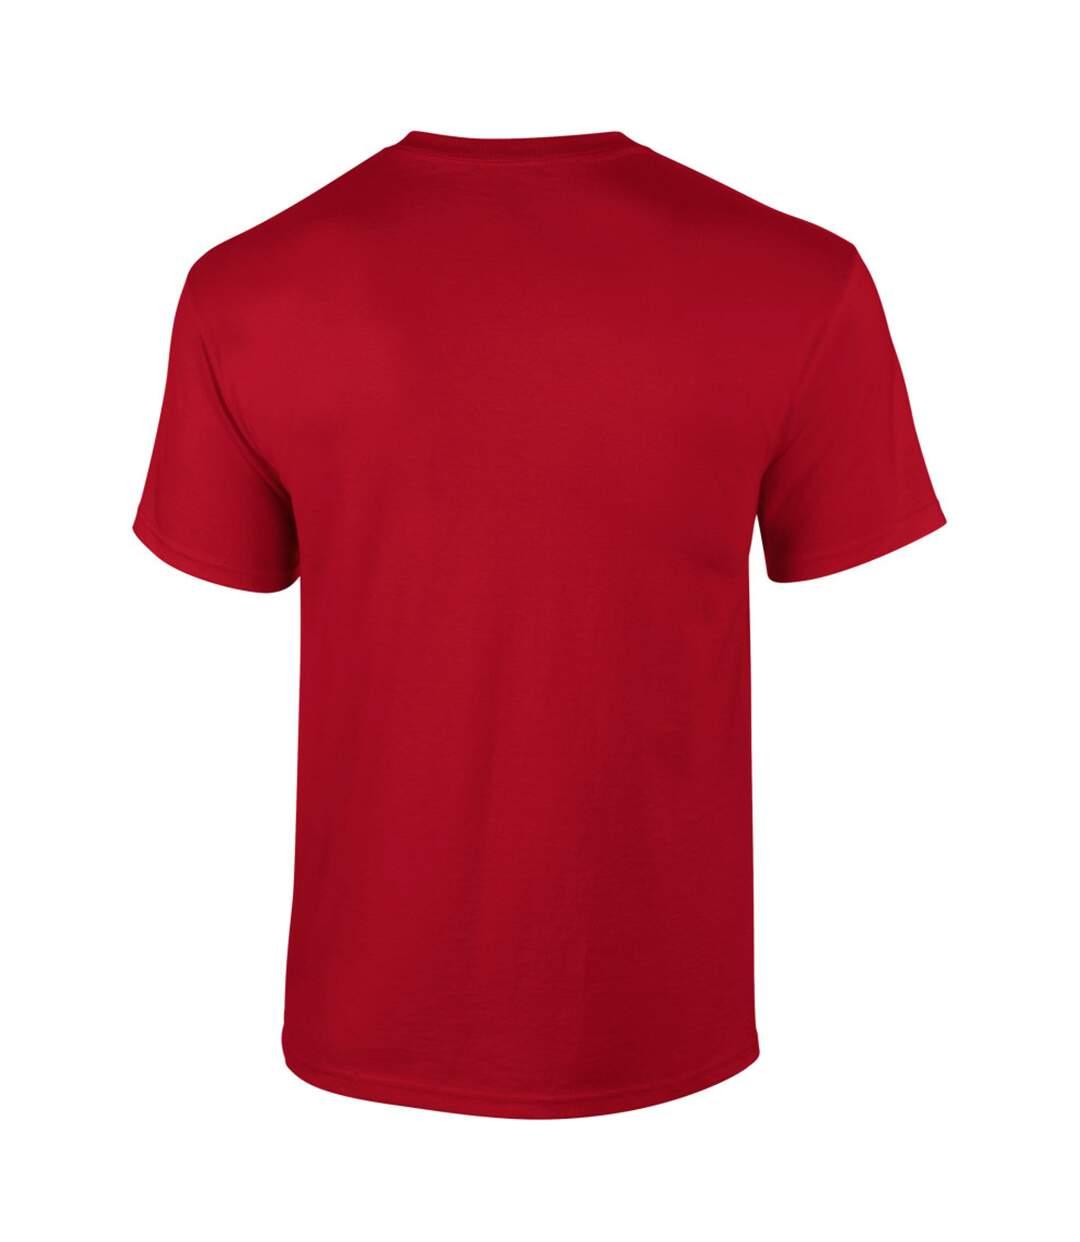 Gildan - T-shirt à manches courtes - Homme (Gris sport) - UTBC475